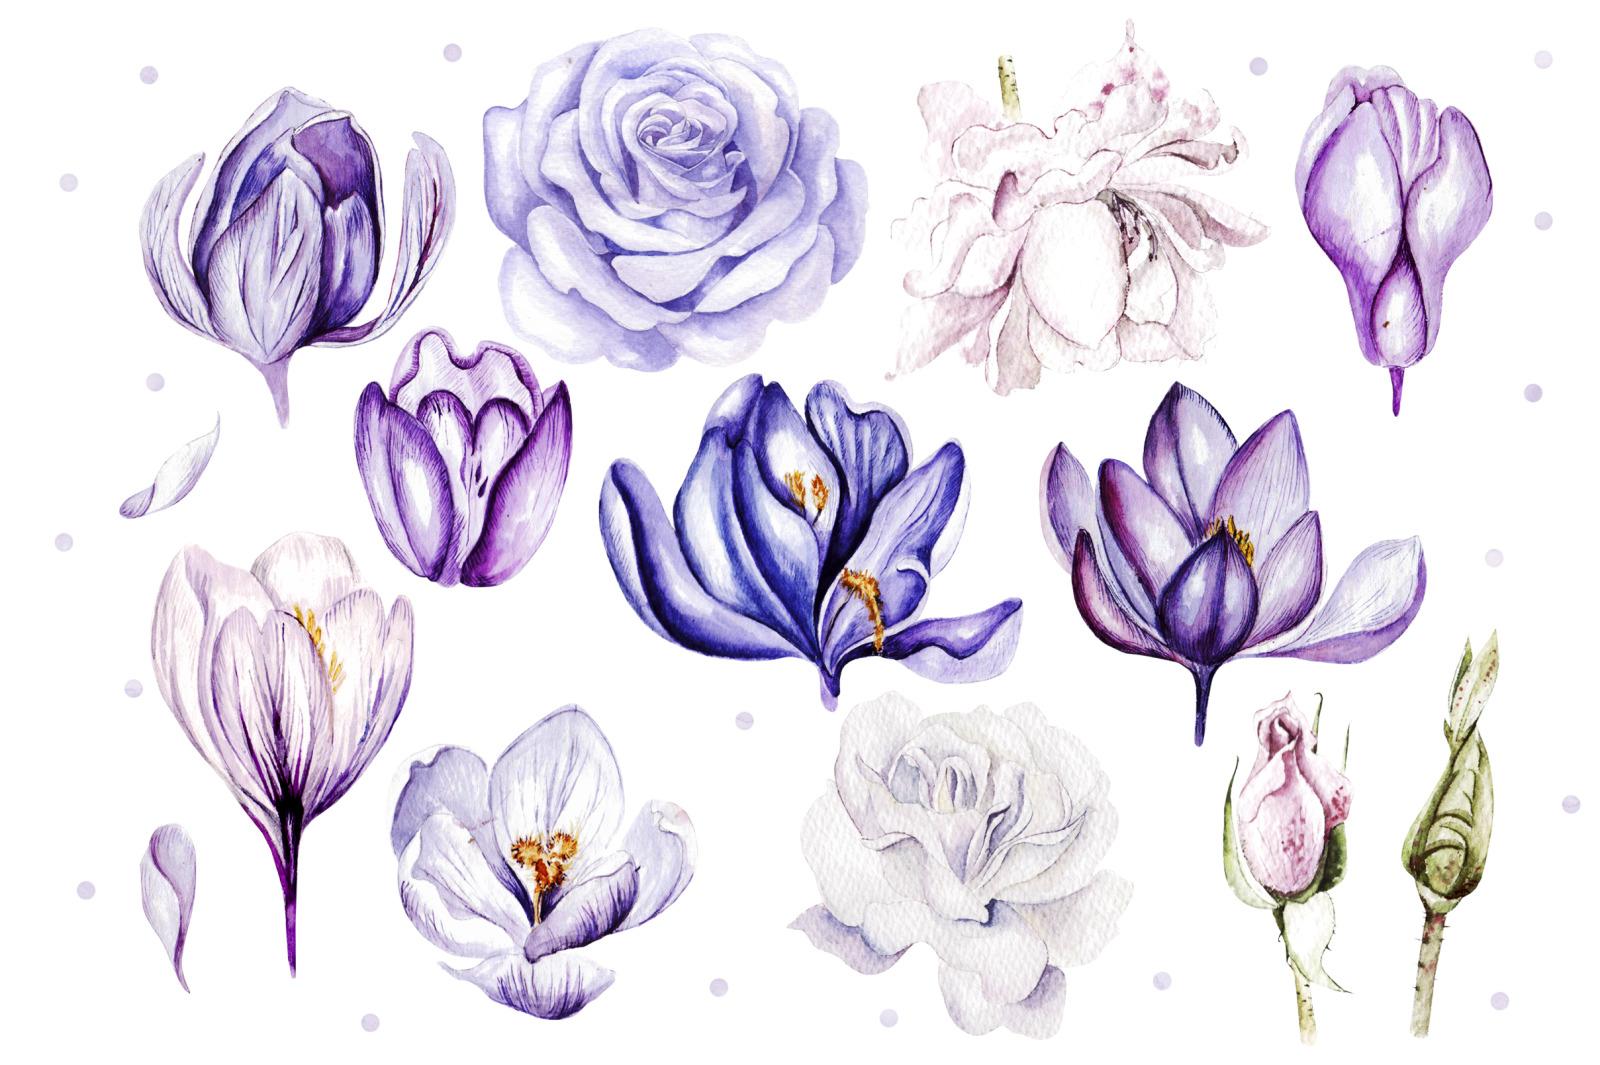 Watercolor Roses & Crocuses